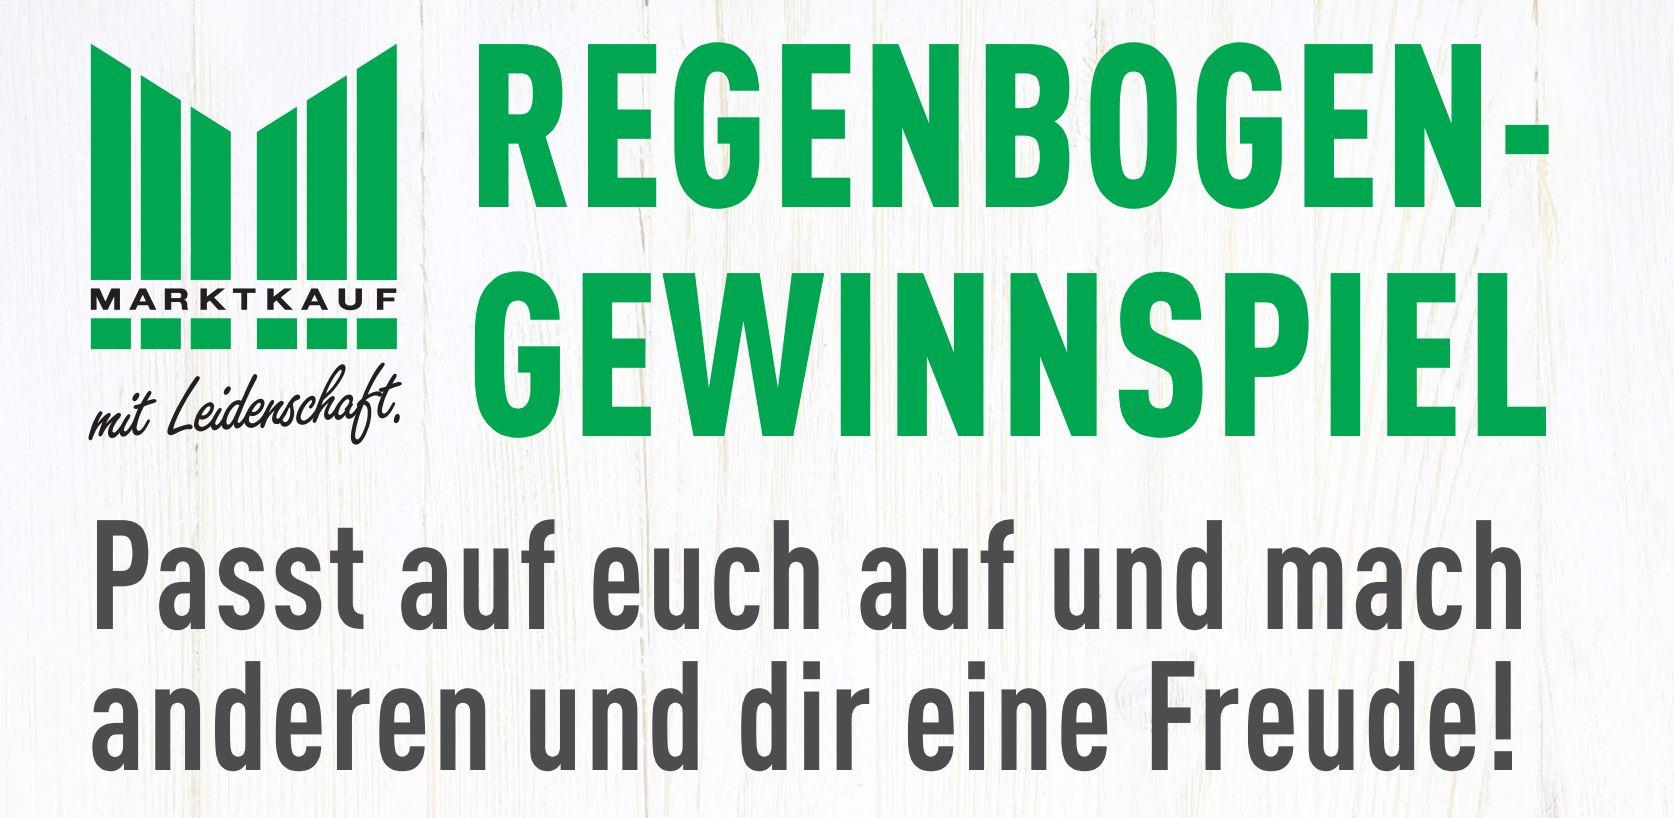 REGENBOGEN-AKTION!